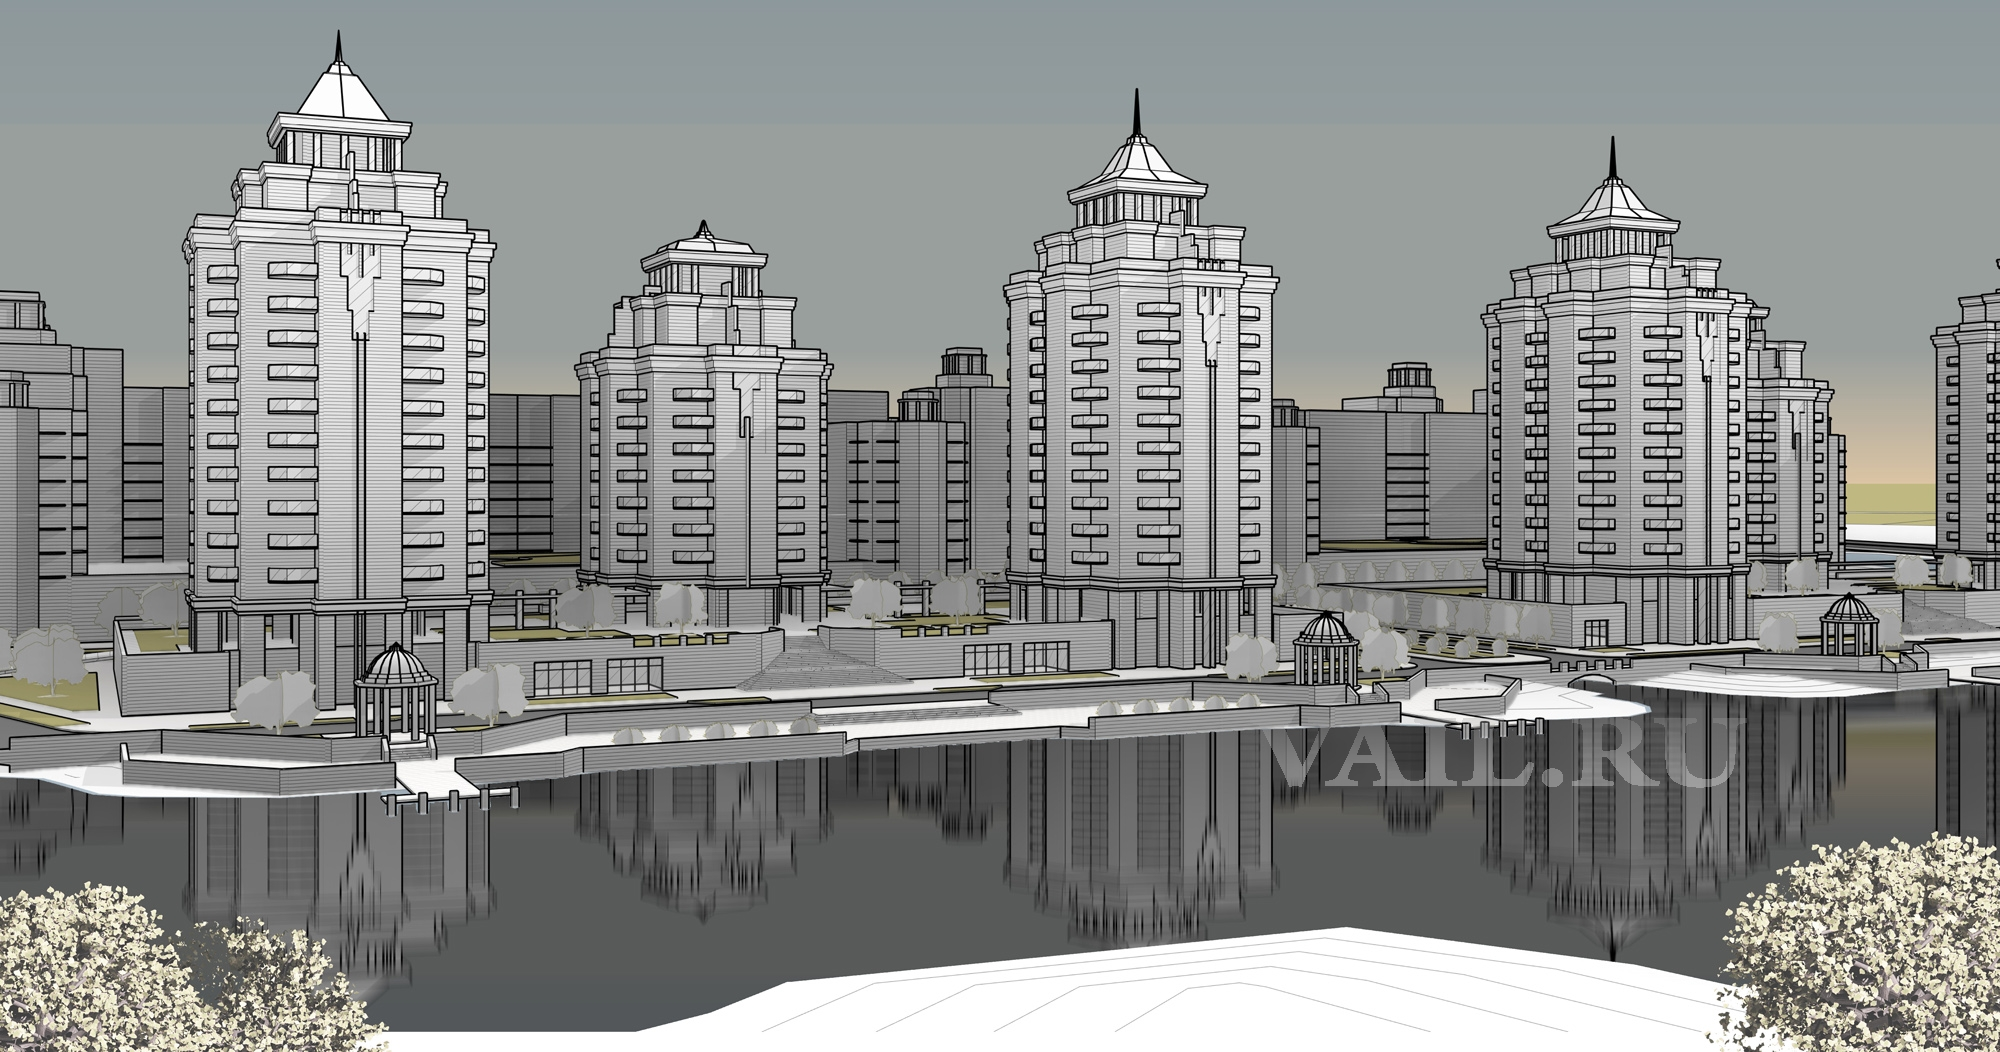 Многоквартирный жилой комплекс в Калининграде